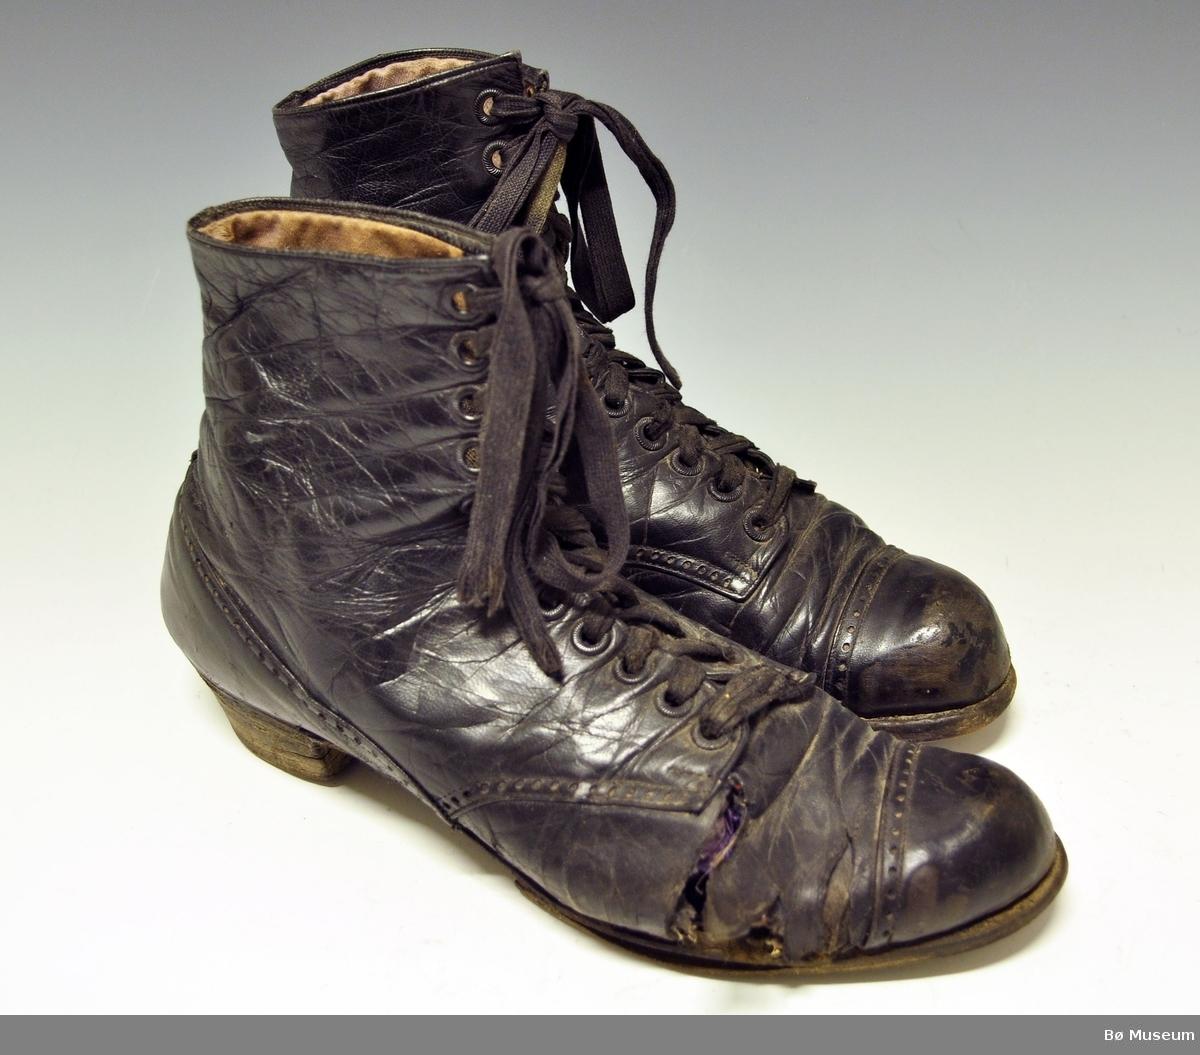 Lærstøvler med hel og snøring brukt til folkedrakt/bunad.Tåhette med dekor langs sømmen  formet som små hull.Samme dekor langs sømmen på sidene. Begge støvlene er  slitt og støvel A har et stort hull på høyre side.